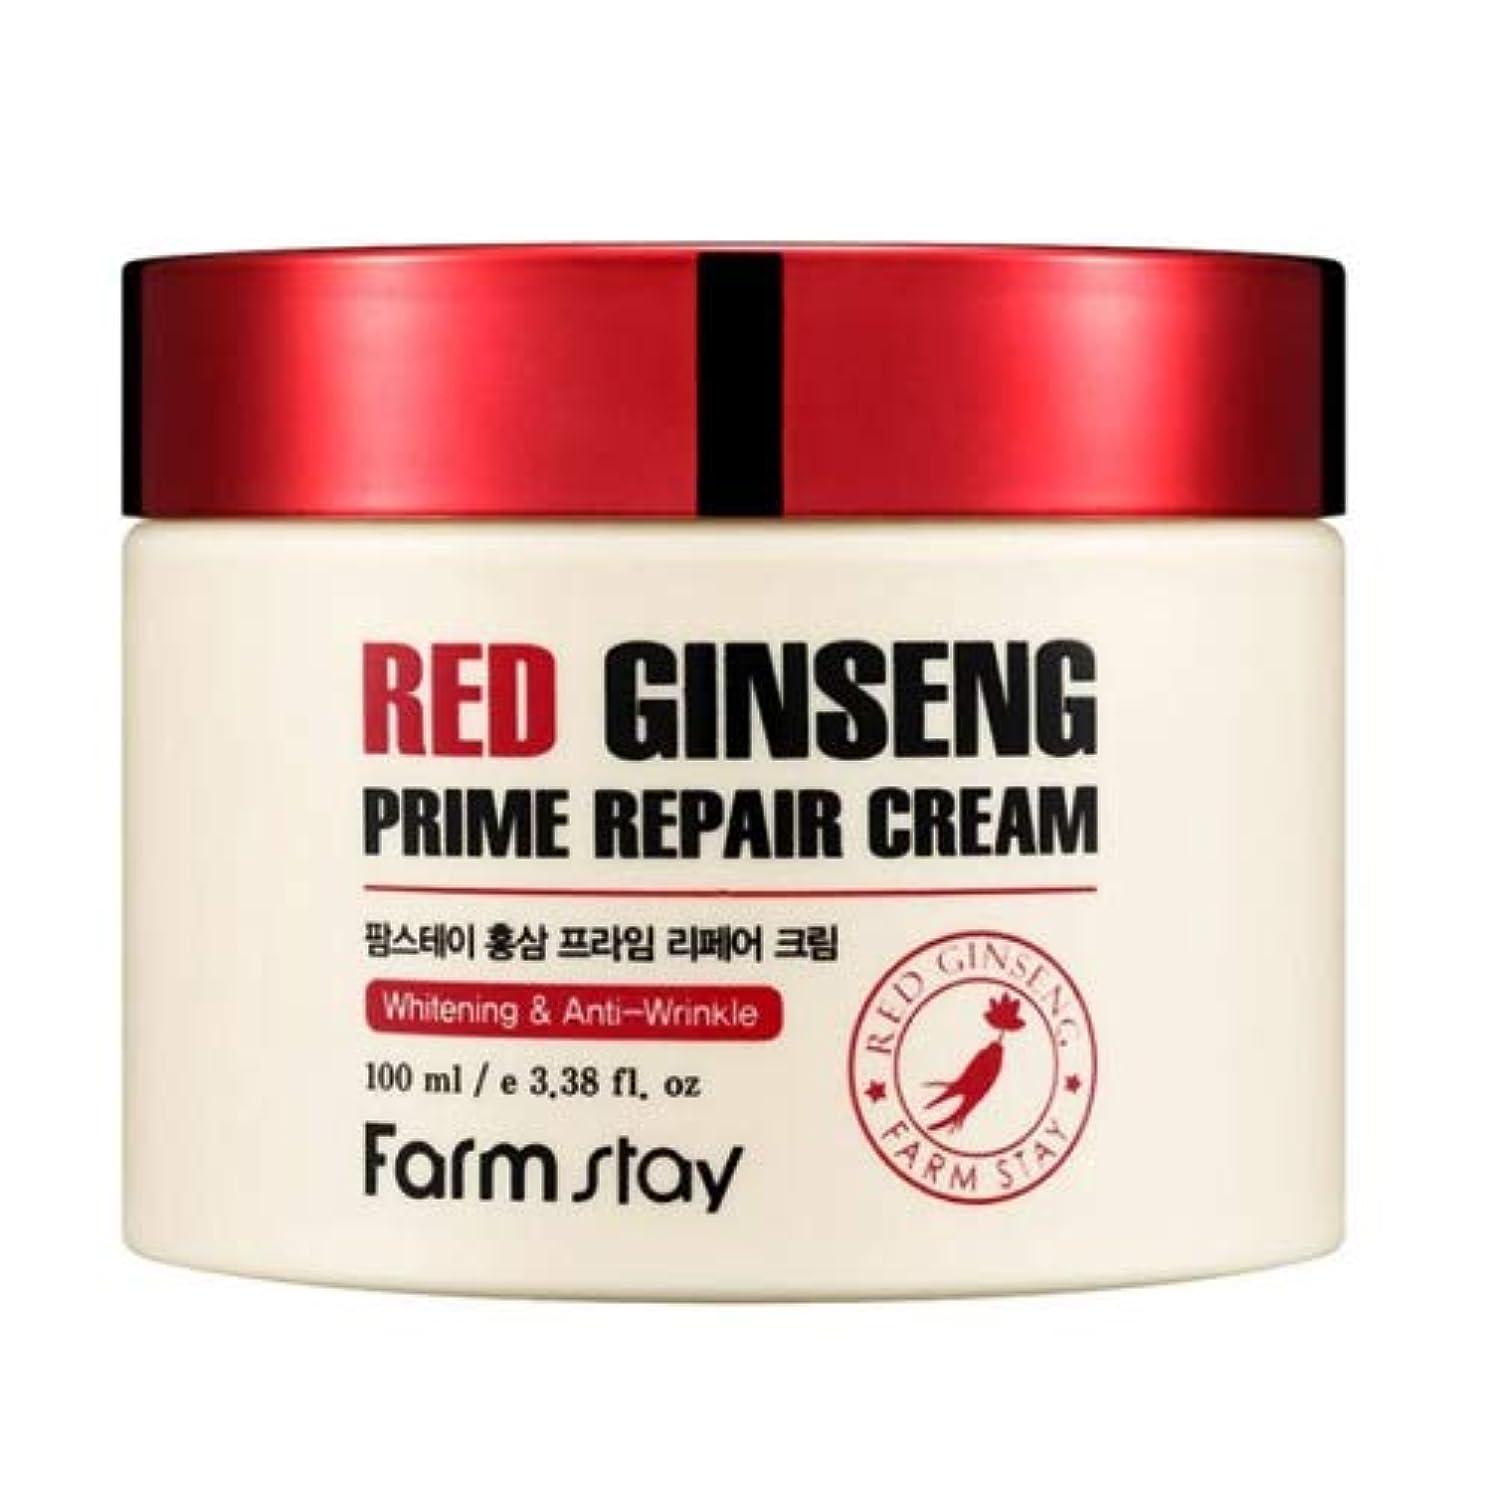 基礎理論表現無駄Farm stay Red Ginseng Prime Repair Cream 紅参プライムリペアクリーム100ml[並行輸入品]